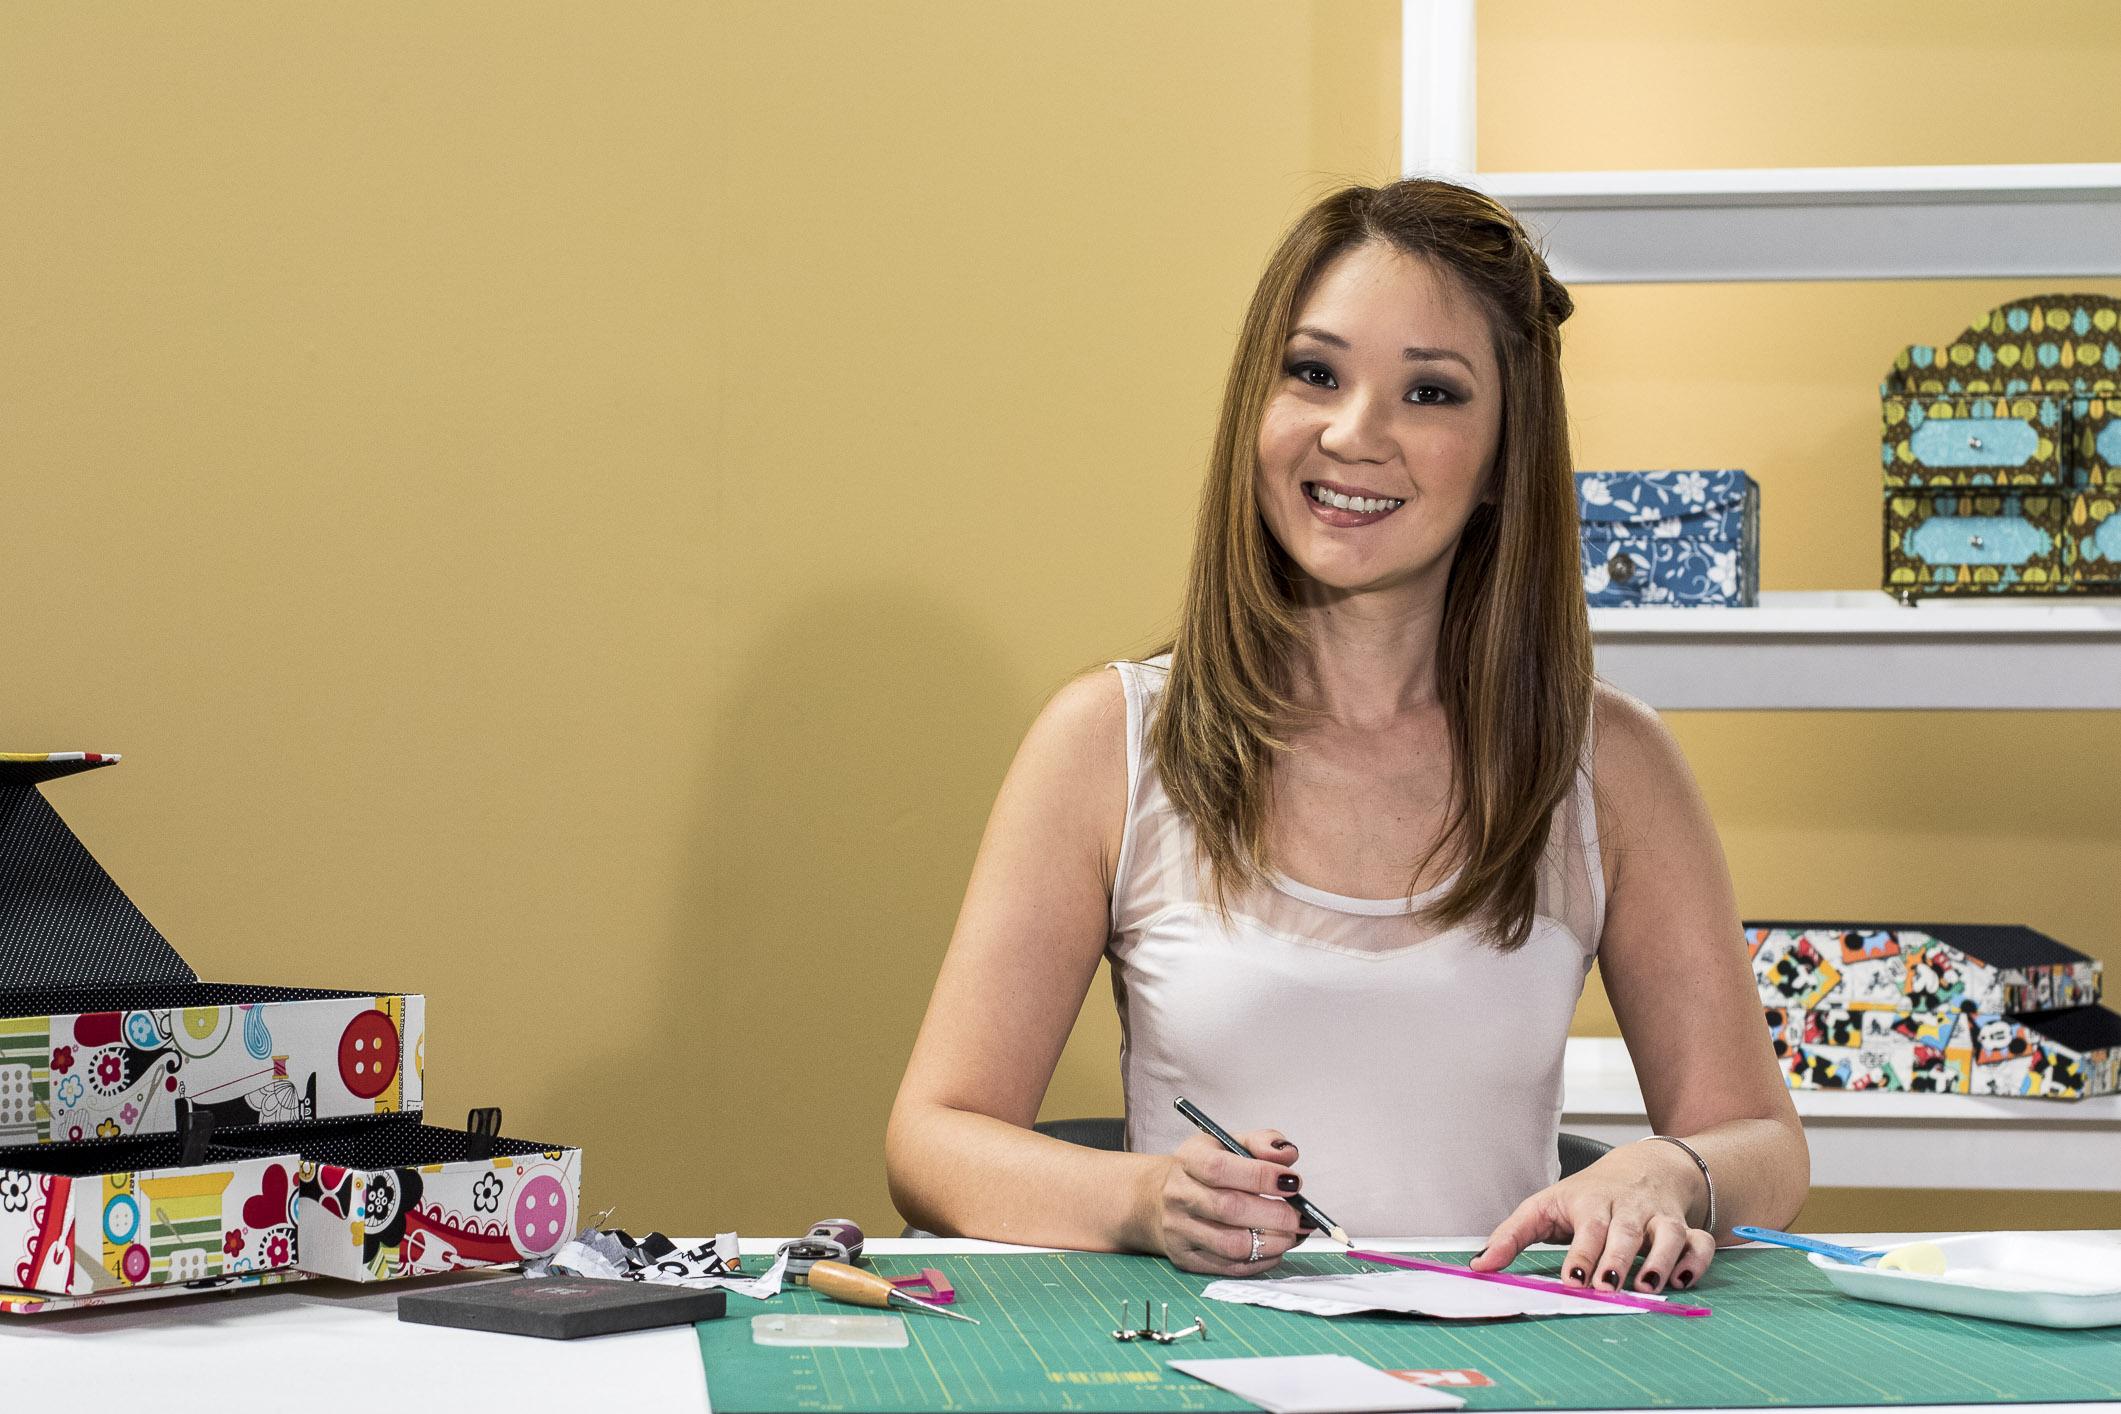 Claudia Wada em ação: a expert em cartonagem traz novas peças para inspirar o trabalho das alunas da eduK